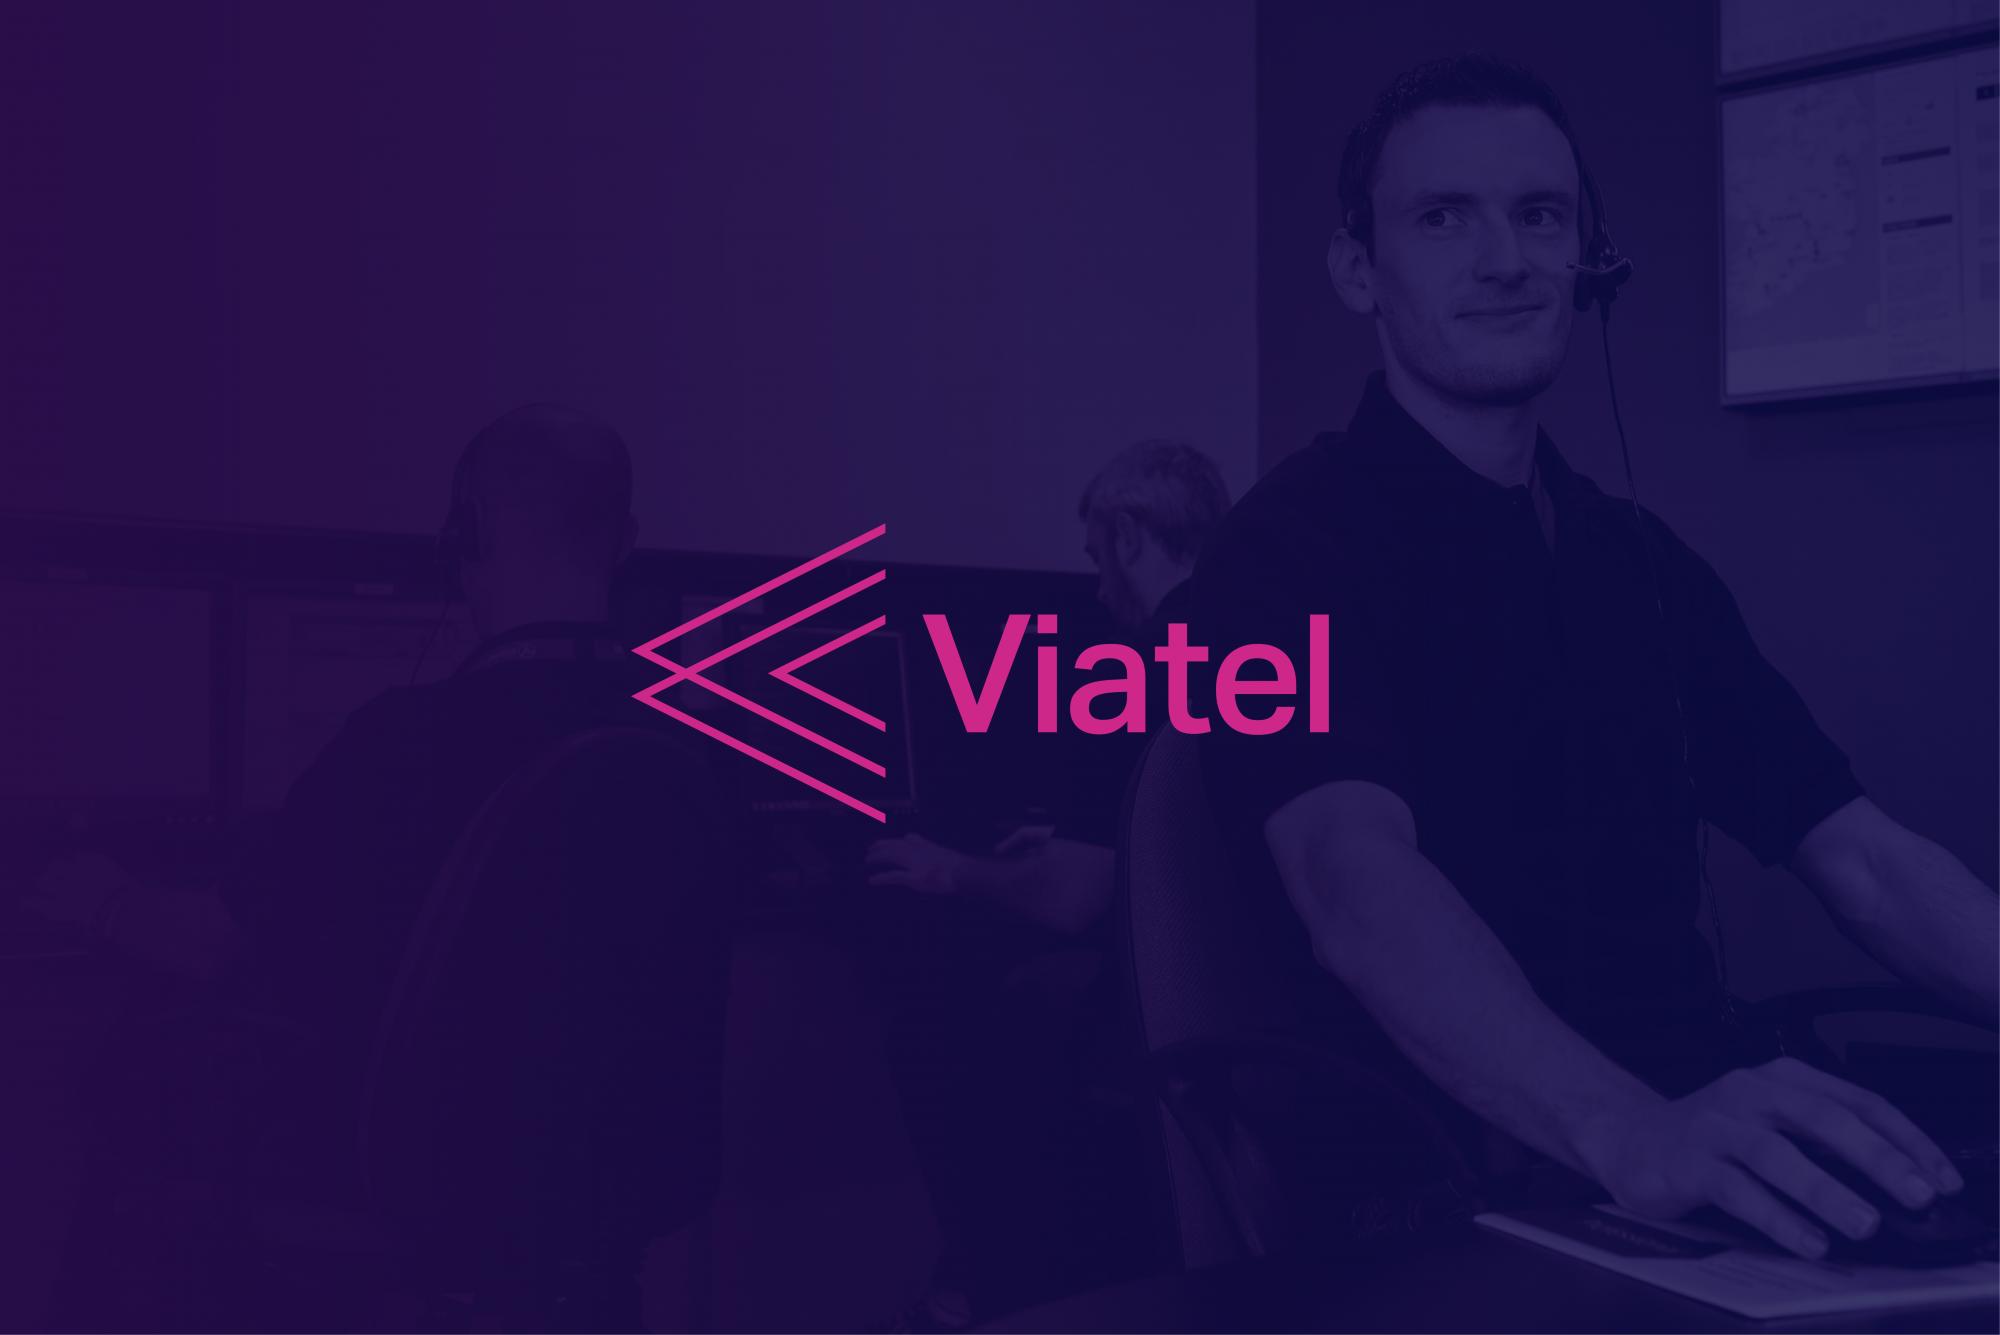 Cover image: Viatel